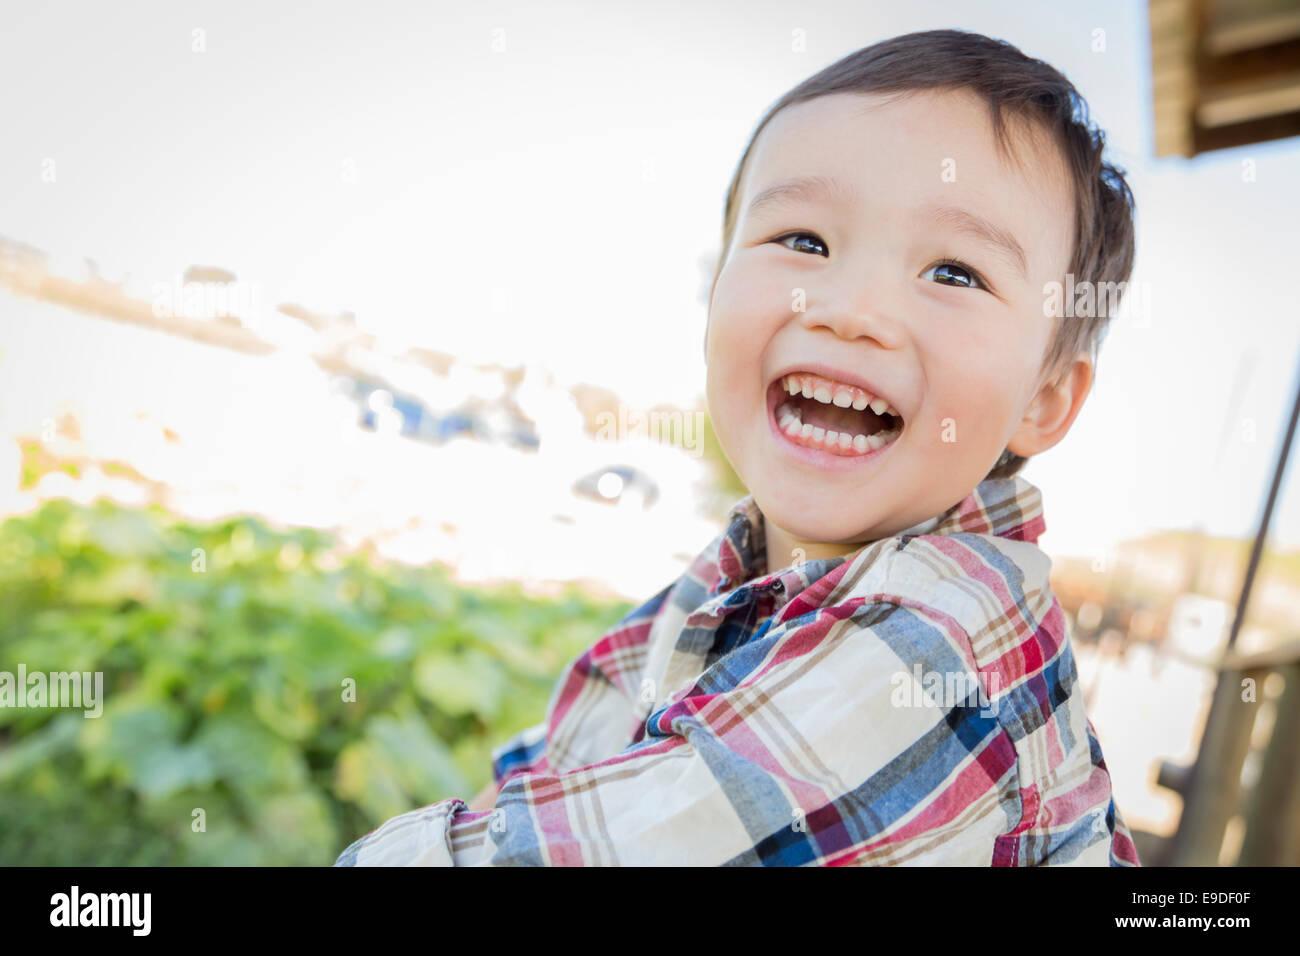 Cute Mixed Race Young Boy Having Fun Outside. - Stock Image